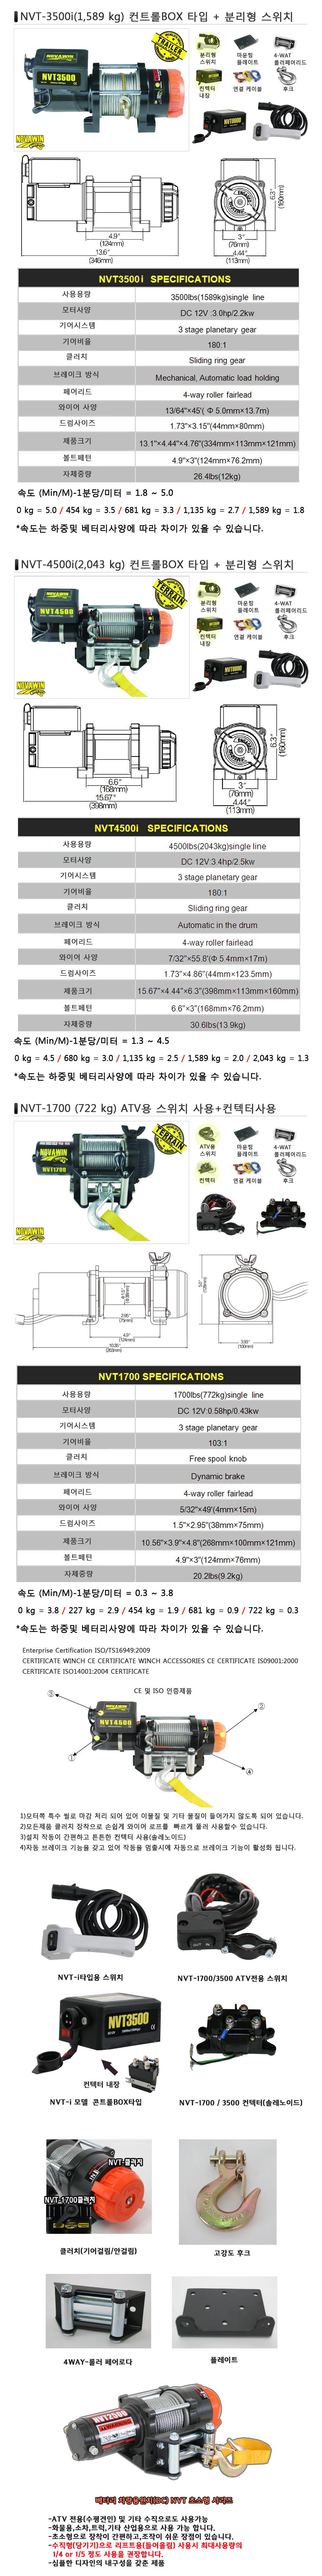 (주)쌍용리프트 초소형 베터리윈치 NVT 시리즈 NVTD / NVT Series 1